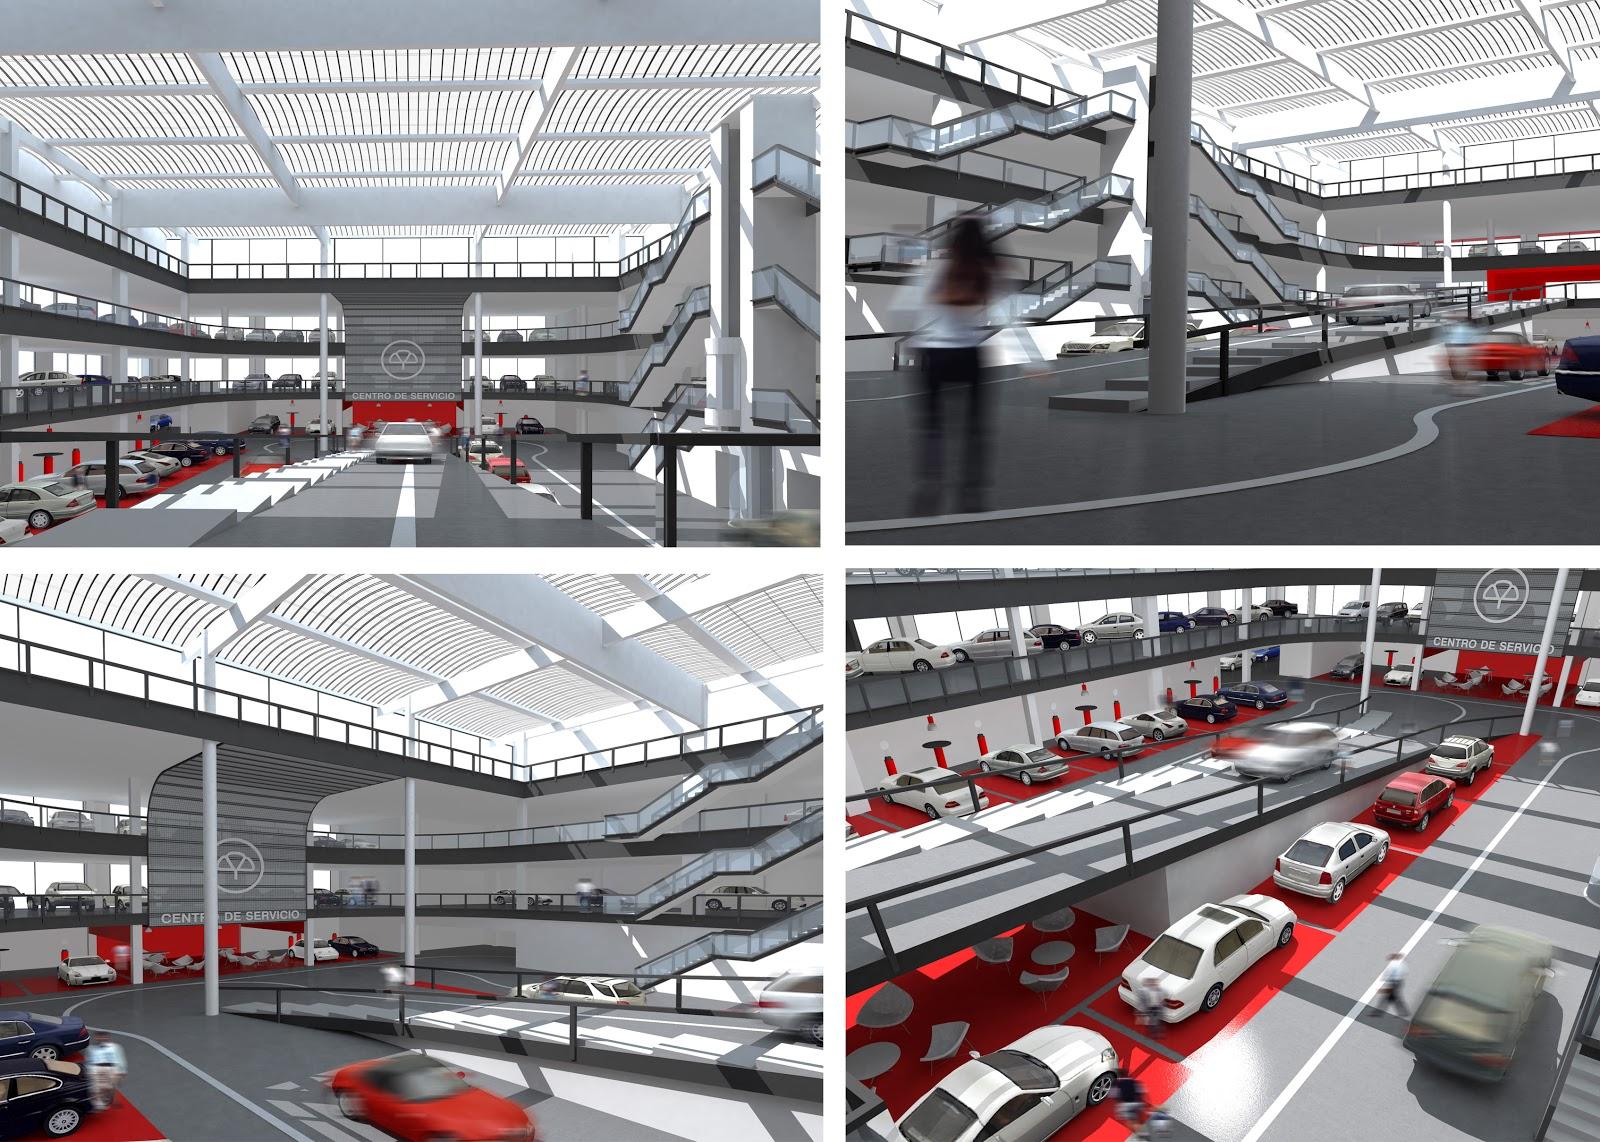 Centro Servicio del Automovil Mapfre, Rehabilitación de edificio, Arquitectura Singular, Arquitectura Industrial